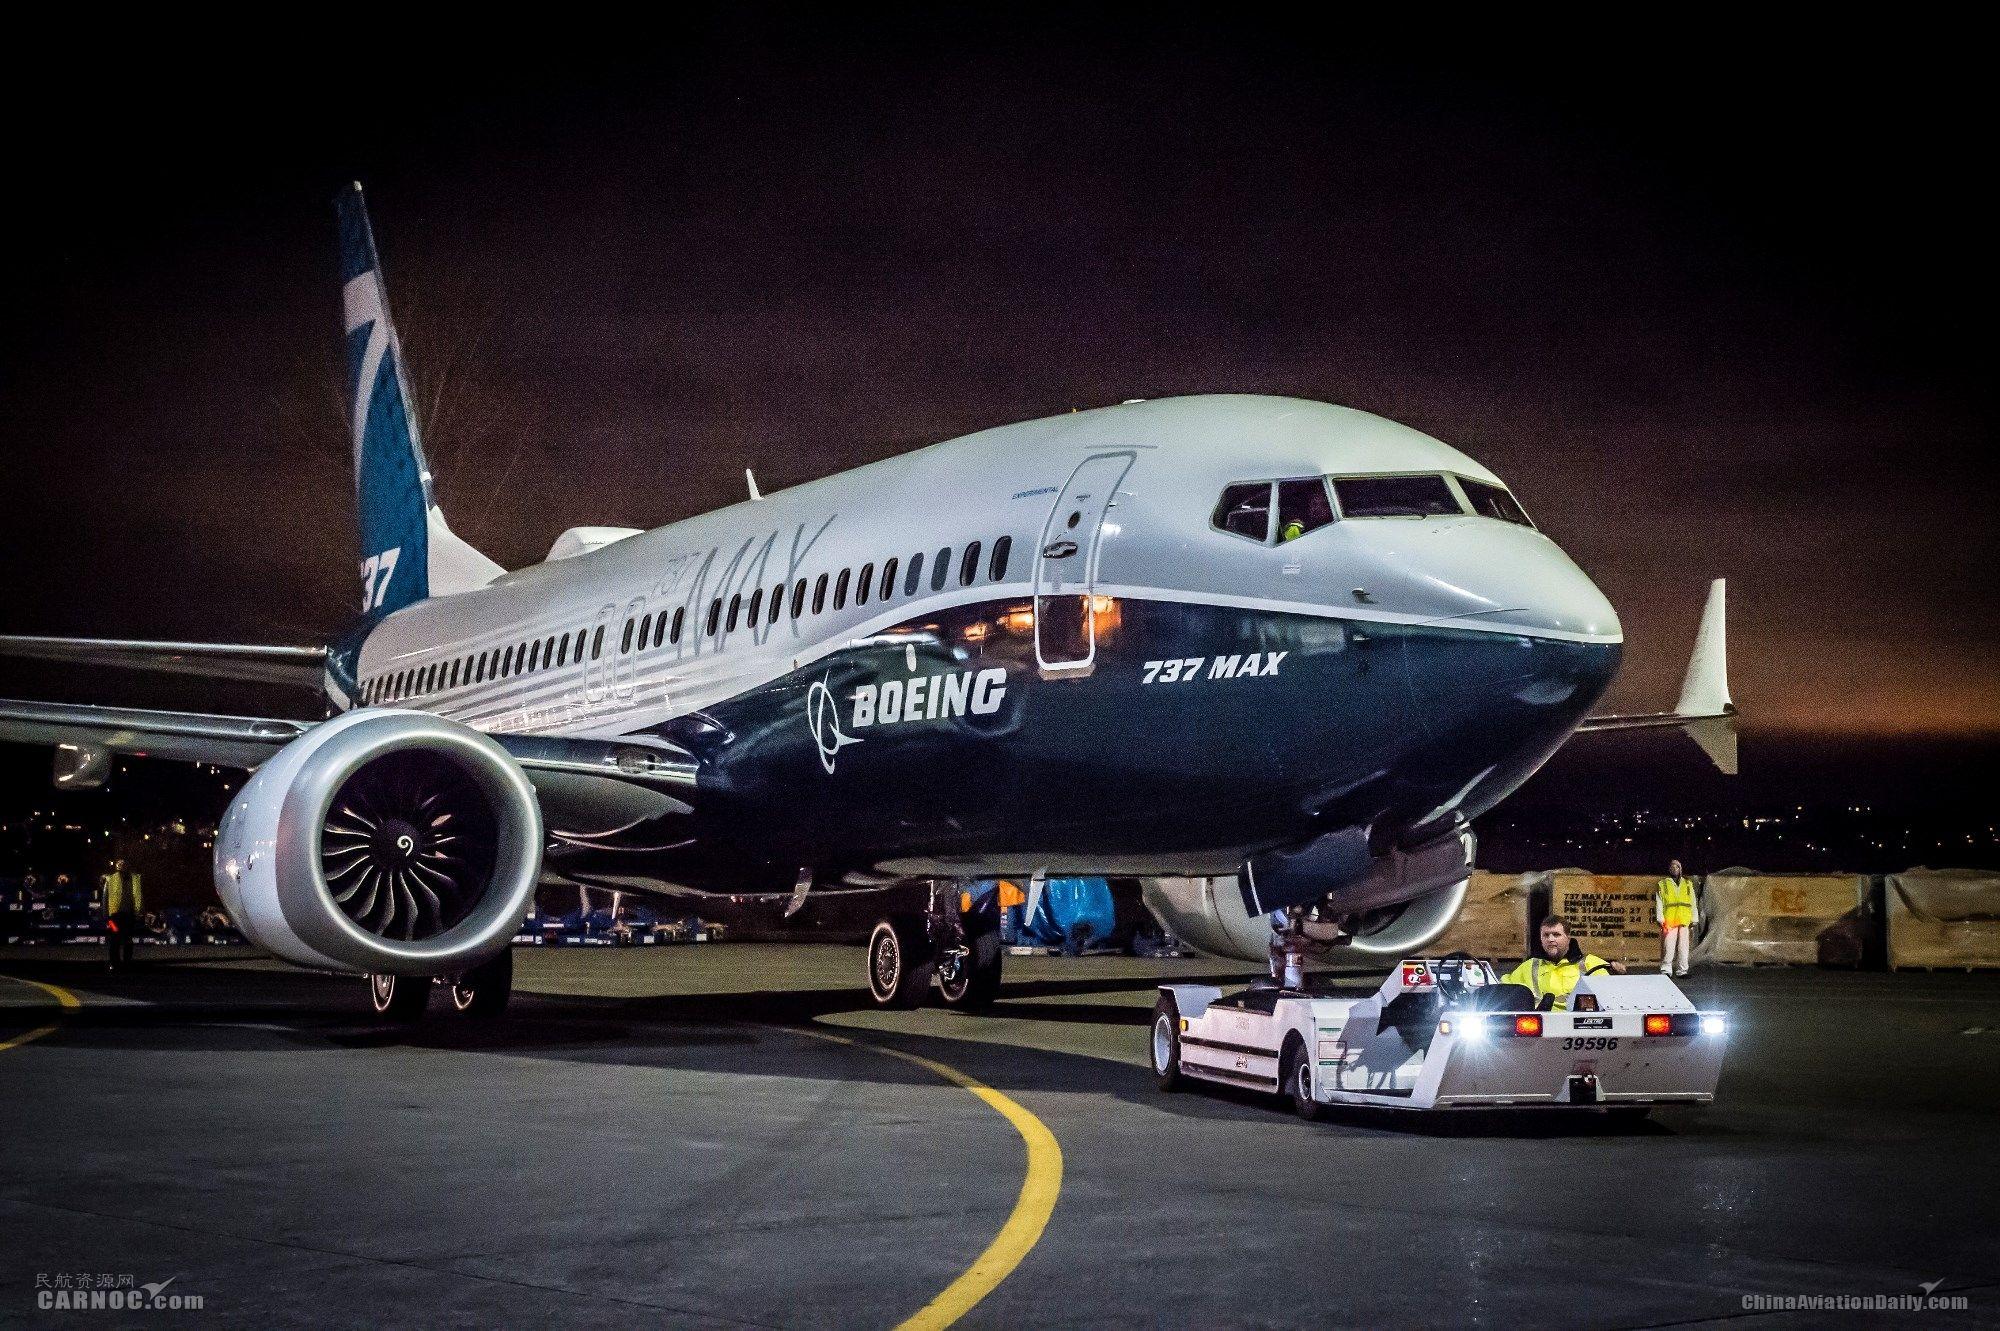 税率降低增底气 西南航空欲购更多737 MAX